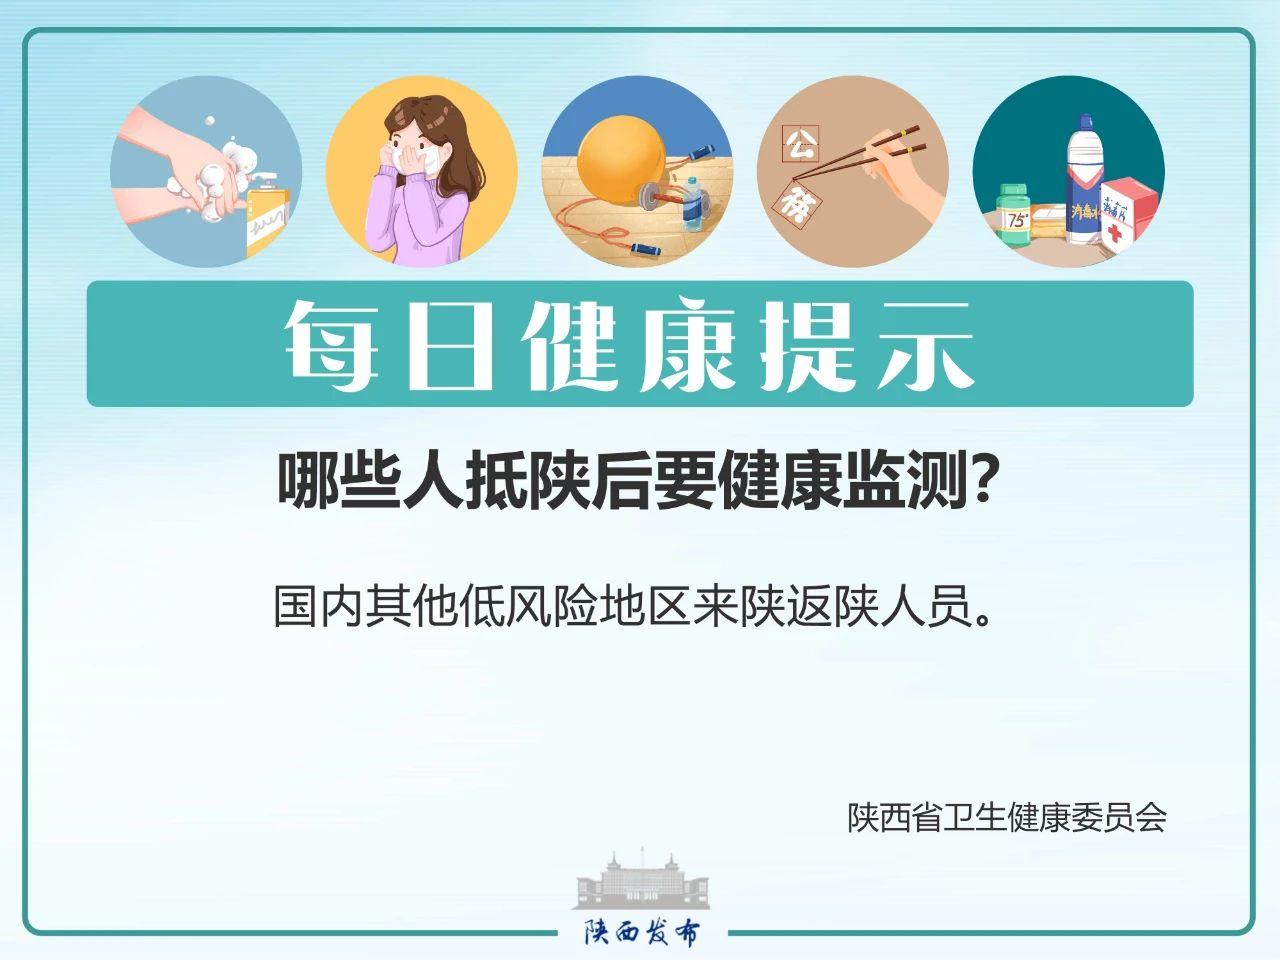 每日健康提示 | 哪些人抵陕后要健康监测?